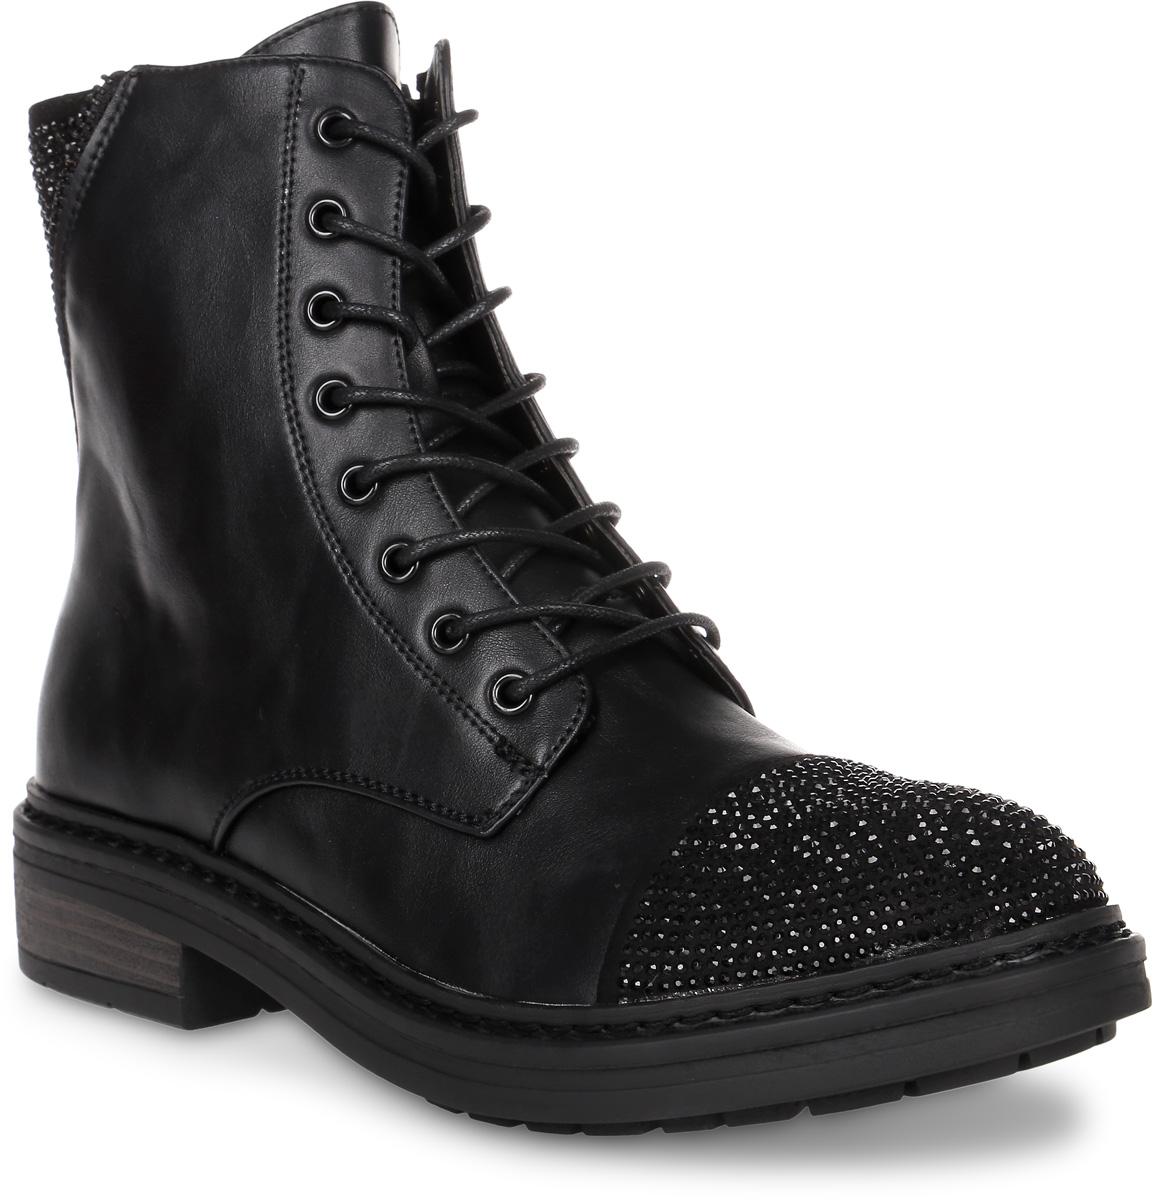 Ботинки женские Avenir, цвет: черный. 2324-HS70579B. Размер 362324-HS70579BОригинальные женские ботинки от Avenir заинтересуют вас своим дизайном. Модель выполнена из искусственной кожи и оформлена на заднике декоративной молнией, и кристаллами. Мыс обуви оформлен кристаллами. Ботинки застегивается на боковую застежку-молнию. Подкладка и стелька, выполненные из натуральной кожи, гарантируют комфорт и уют вашим ногам. Каблук умеренной высоты обеспечит модели устойчивость. Подошва с рифлением защищают изделие от скольжения. Эффектные ботинки подчеркнут ваш стиль и яркую индивидуальность.